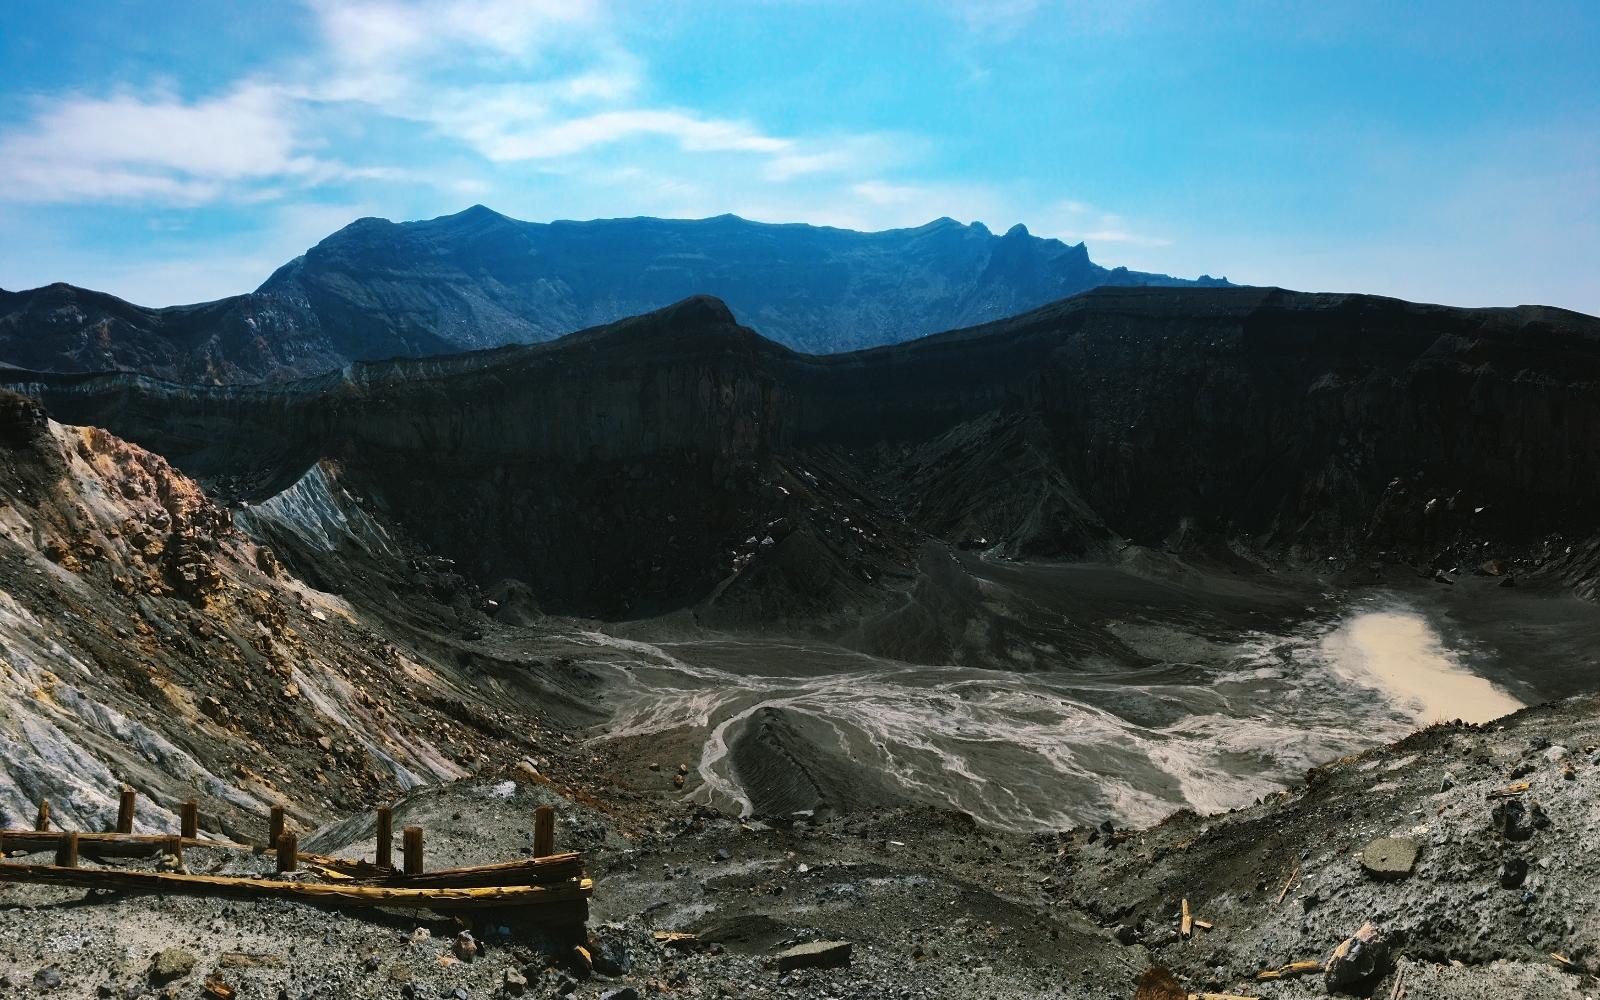 Desolate surroundings of the Nakadake Crater.